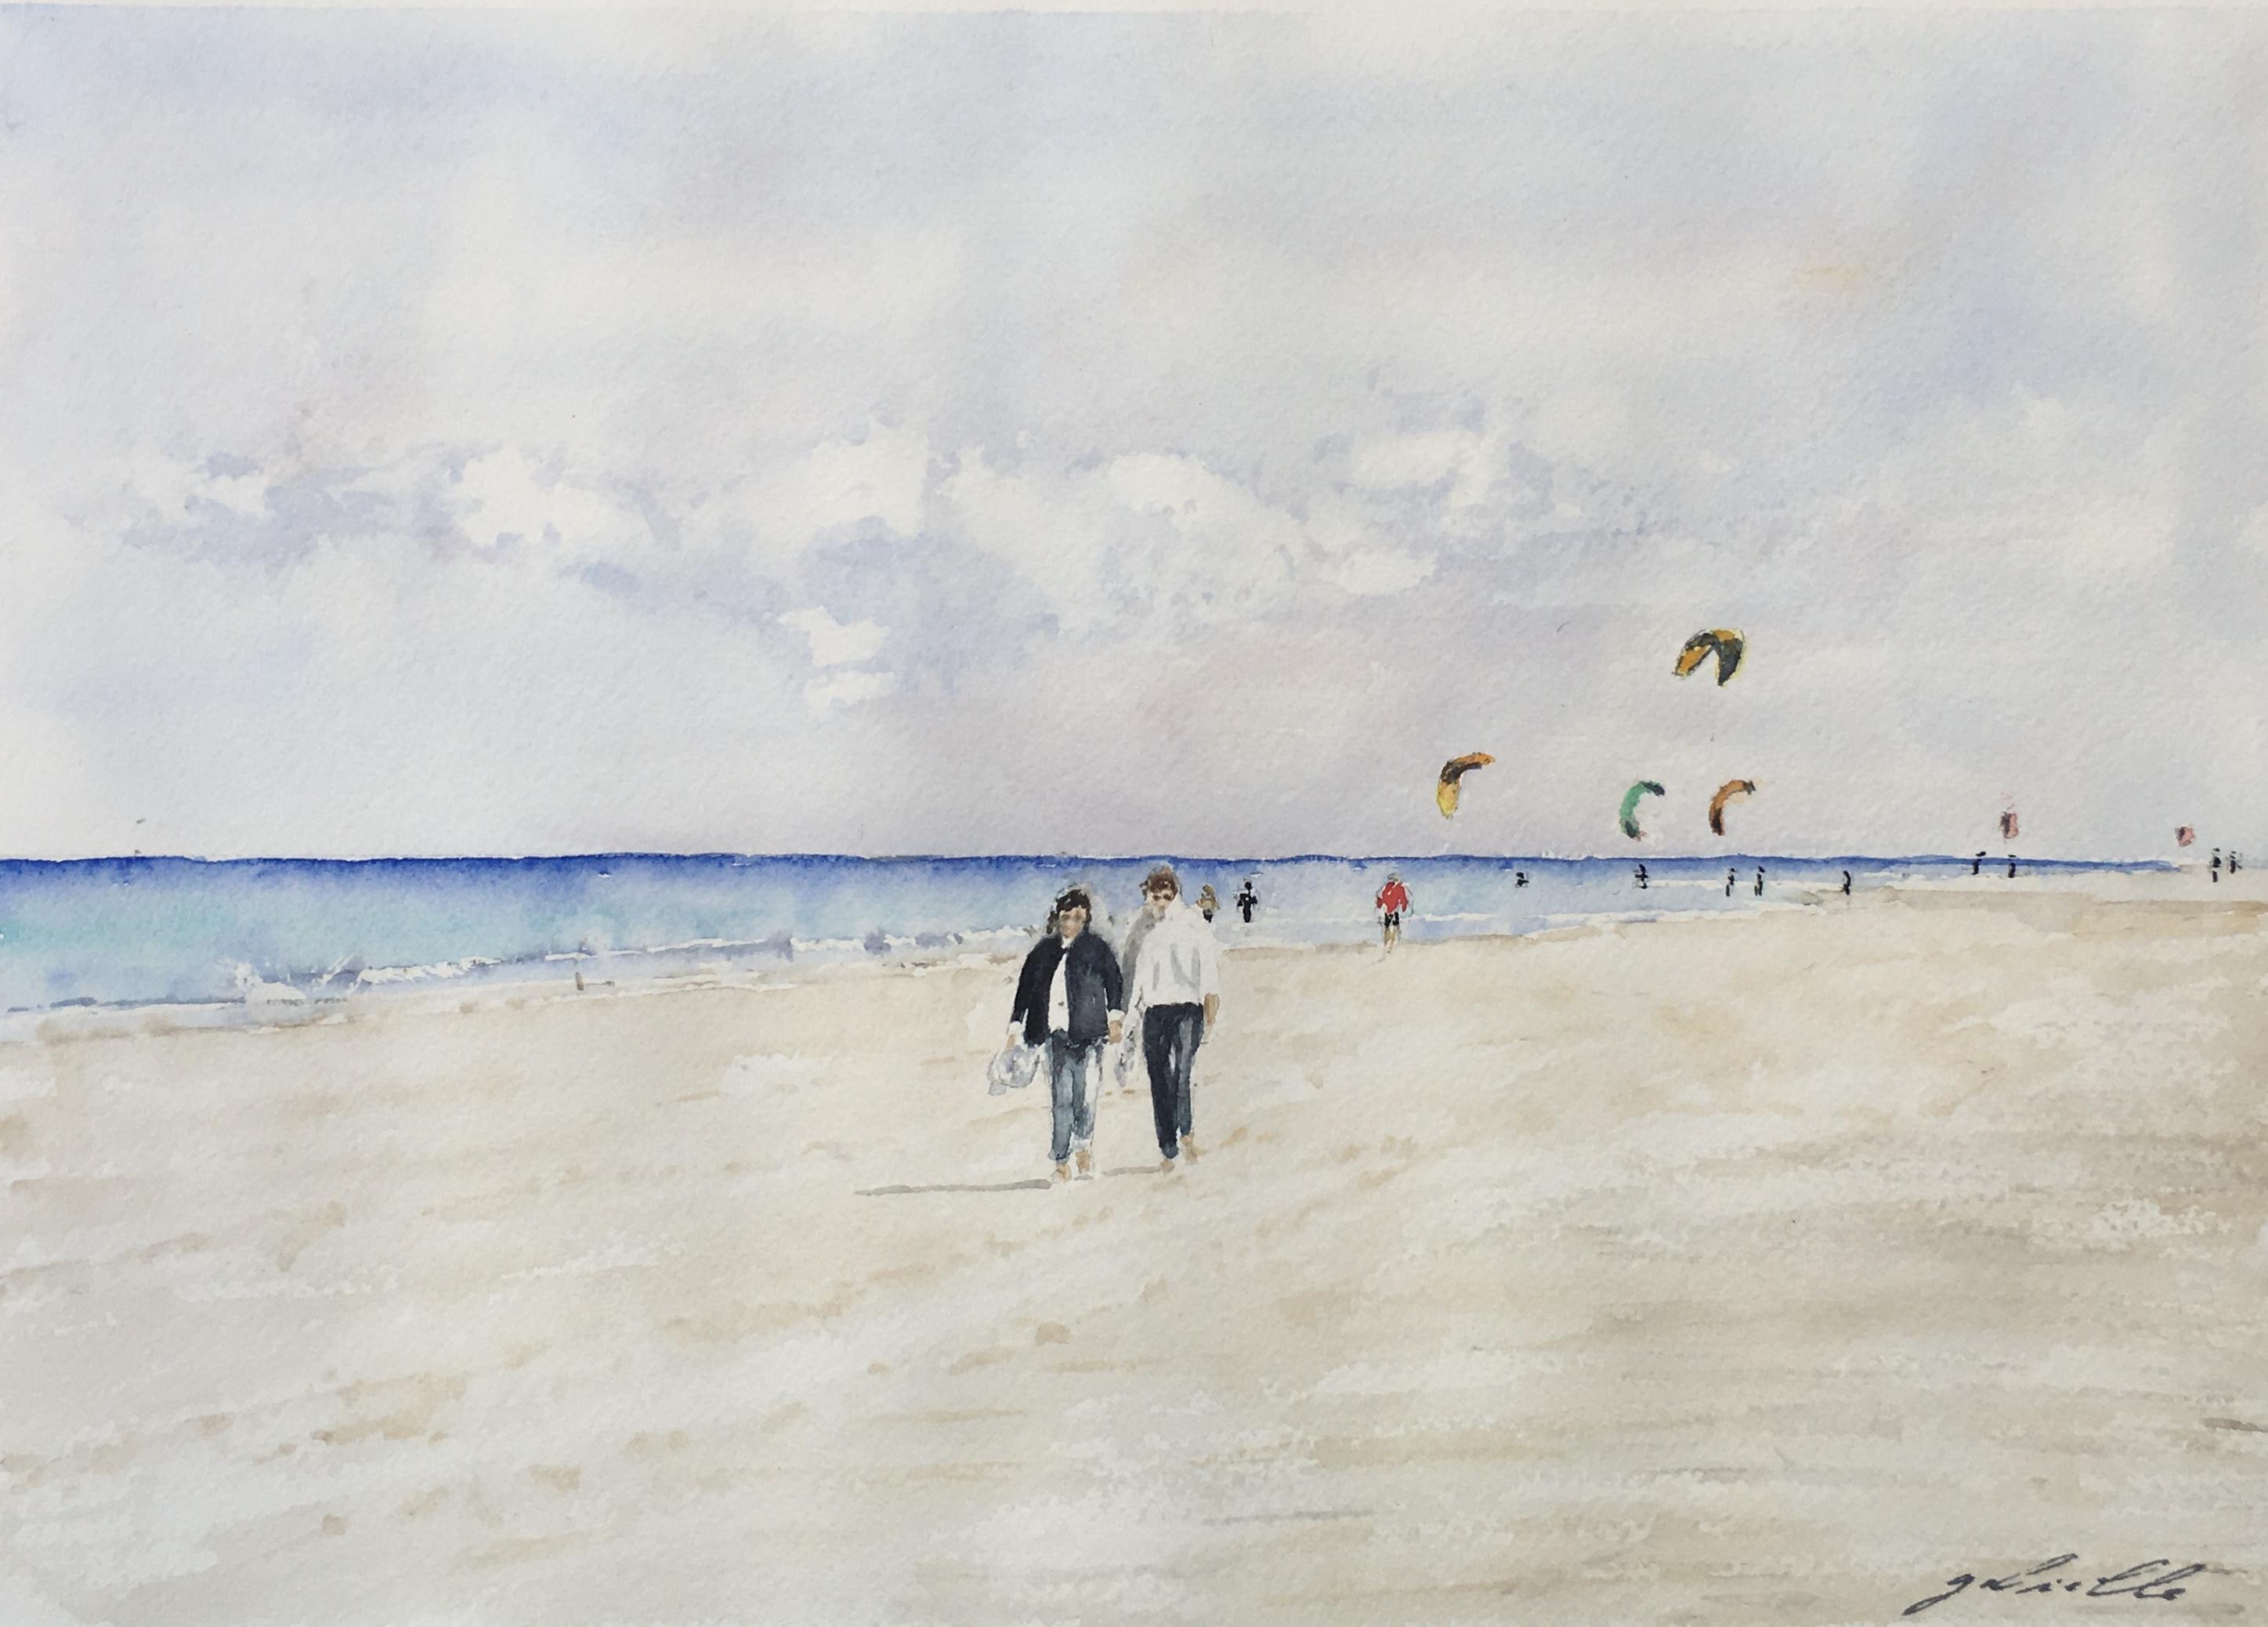 Papotage sur la plage